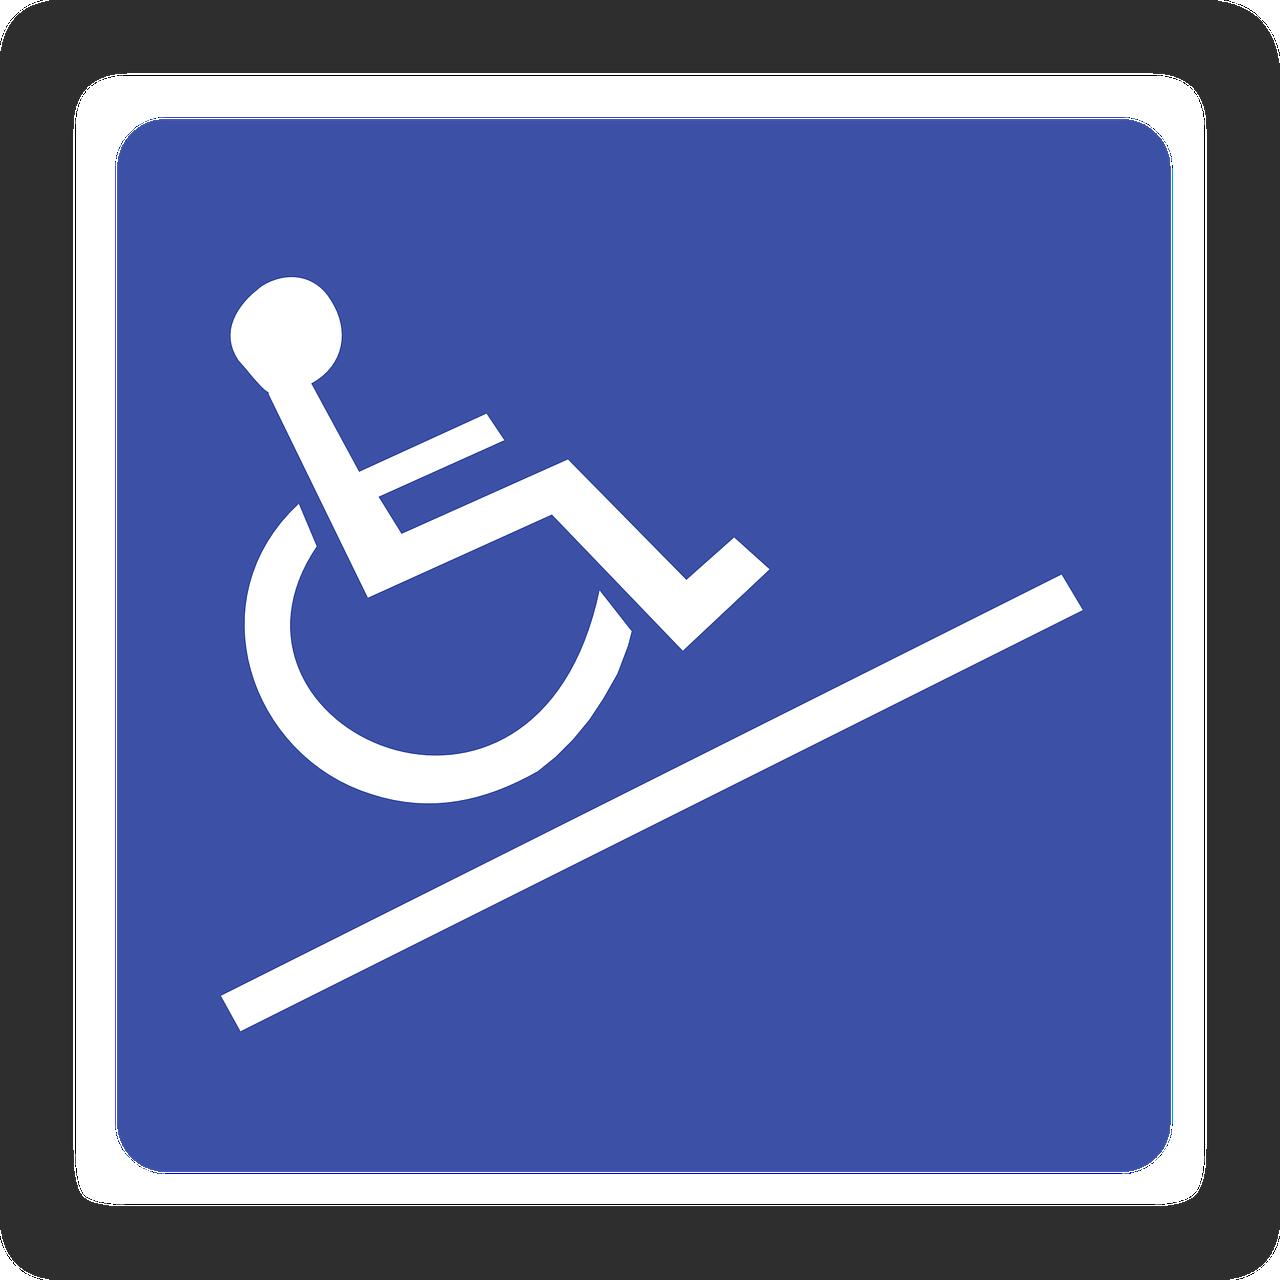 V.F.F. van der Velden kosten instellingen gehandicaptenzorg verstandelijk gehandicapten